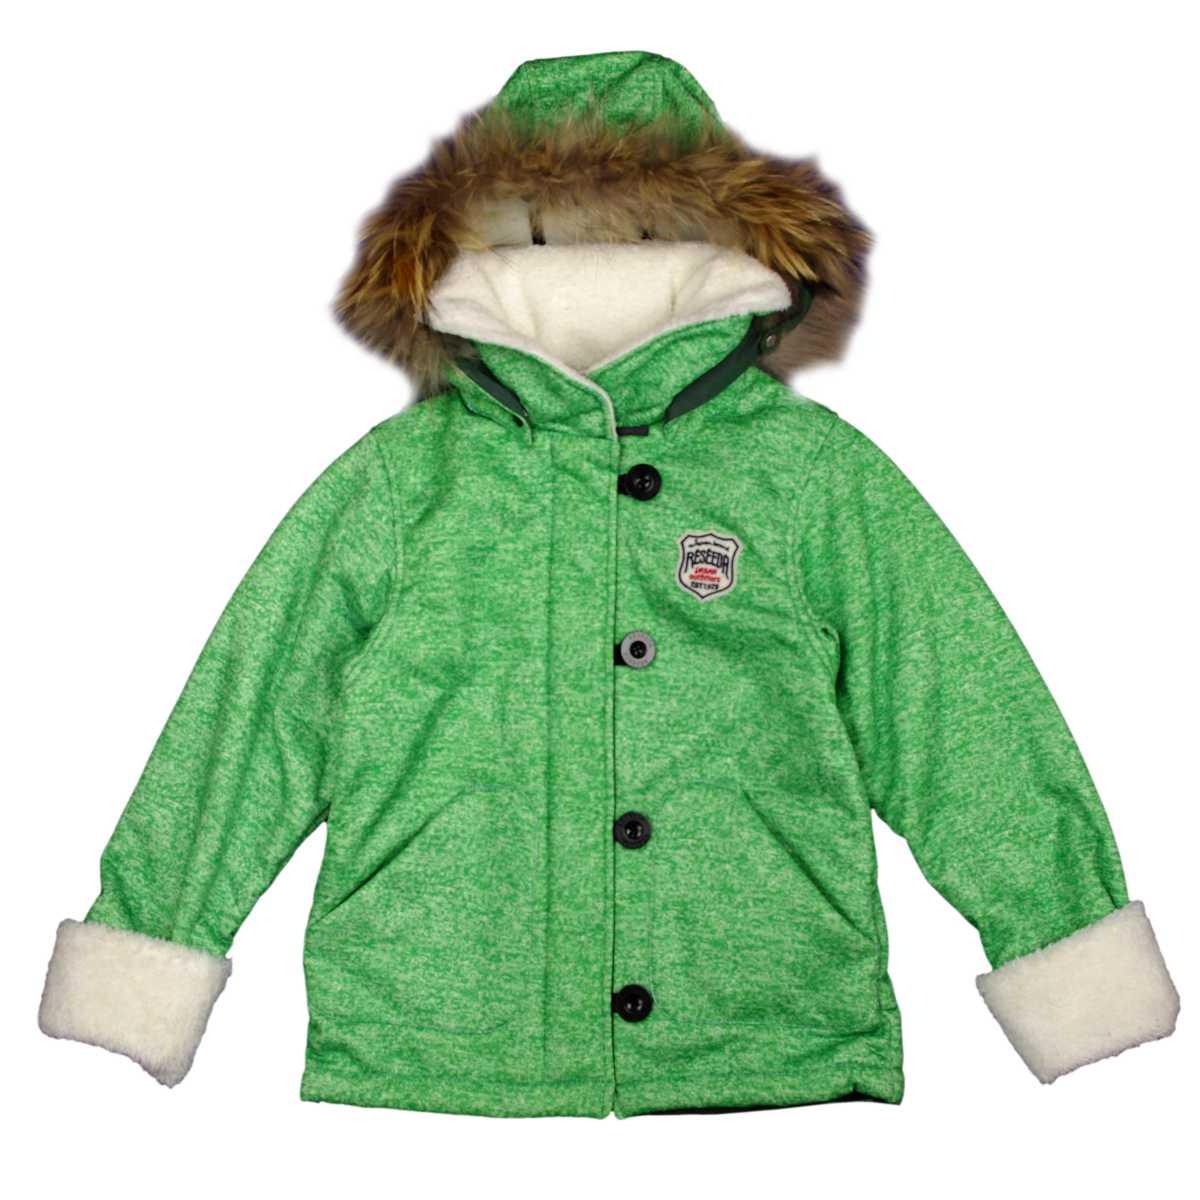 男女兼用 オンヨネ ボンディングランチジャケット型 裏ボア ラクーンファー付き 防寒ジャケット サンプル品 (グリーン 130cm) ボーイズ キッズ スキーウェア 全3色